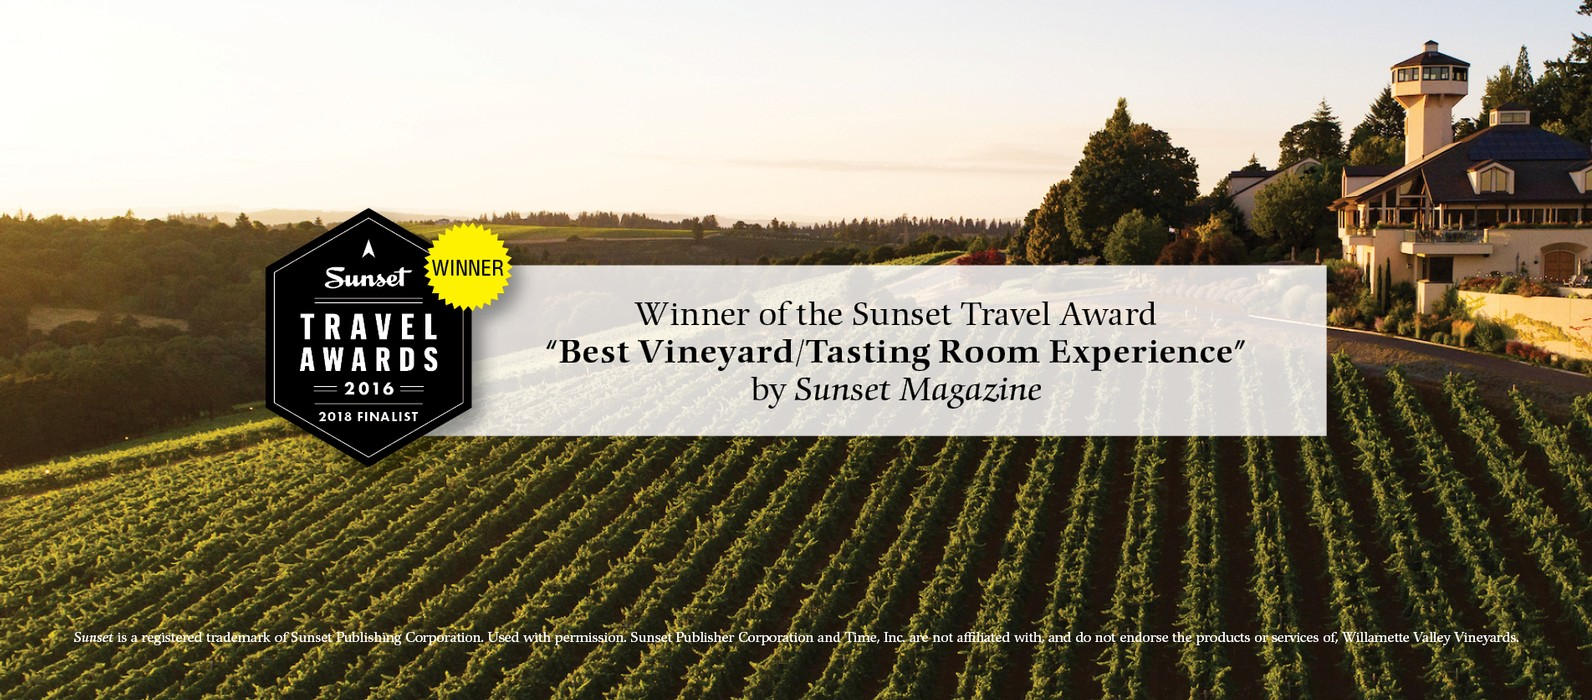 Willamette Valley Vineyards - Homepage